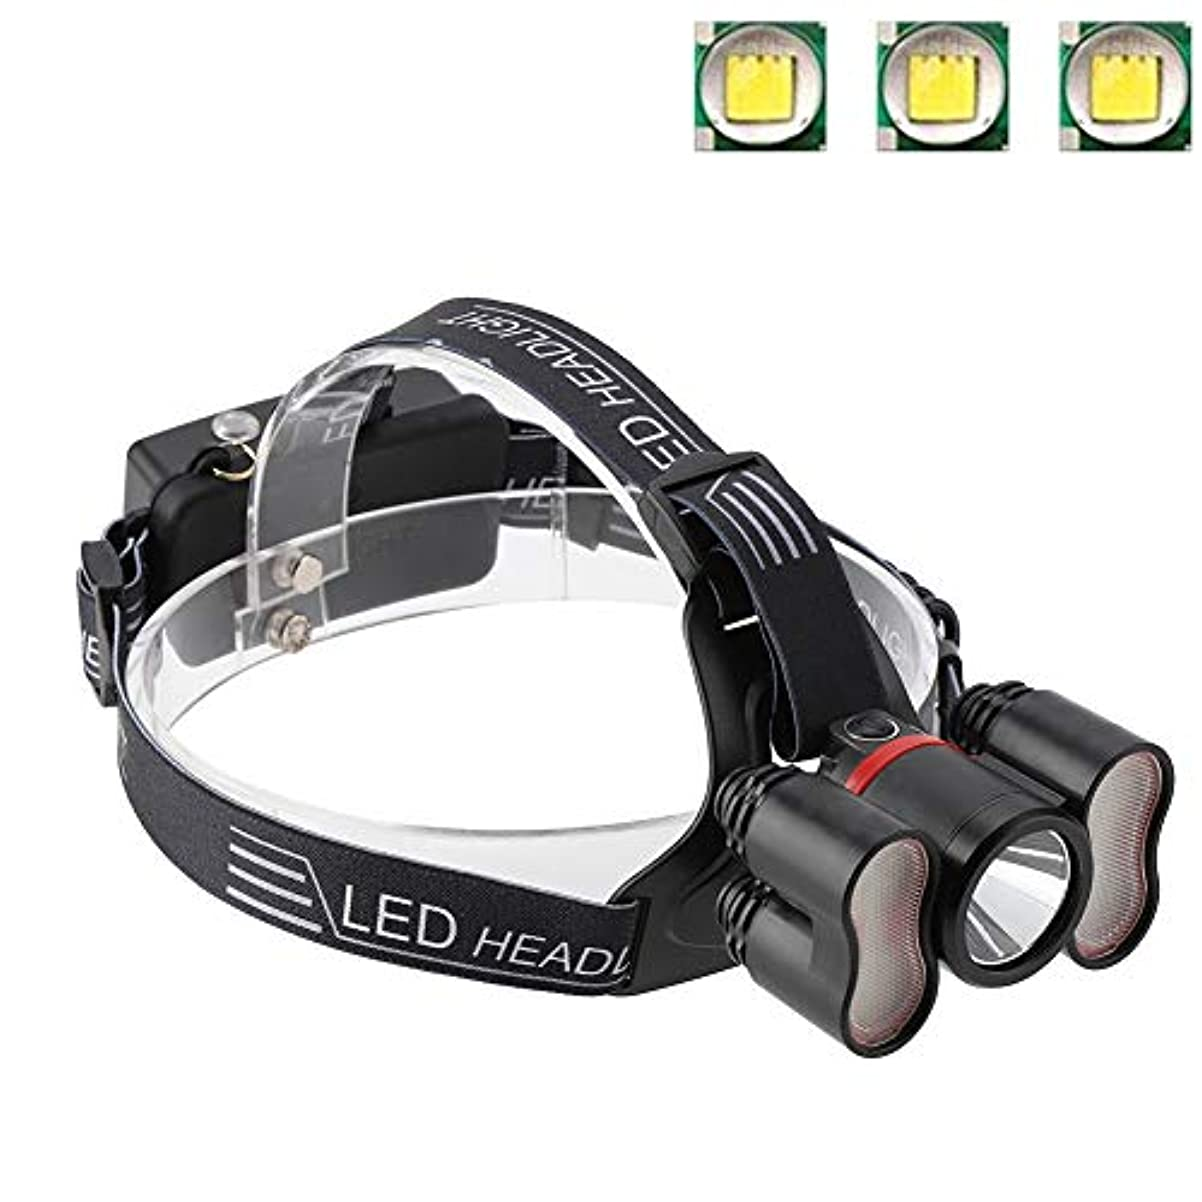 確かめる鳴り響く想像力豊かなヘッドライト懐中電灯、2000LMヘッドライト18650 LED USB充電式防水トラベルヘッドトーチキャンプランプランニングハイキング釣りに適して(#1)